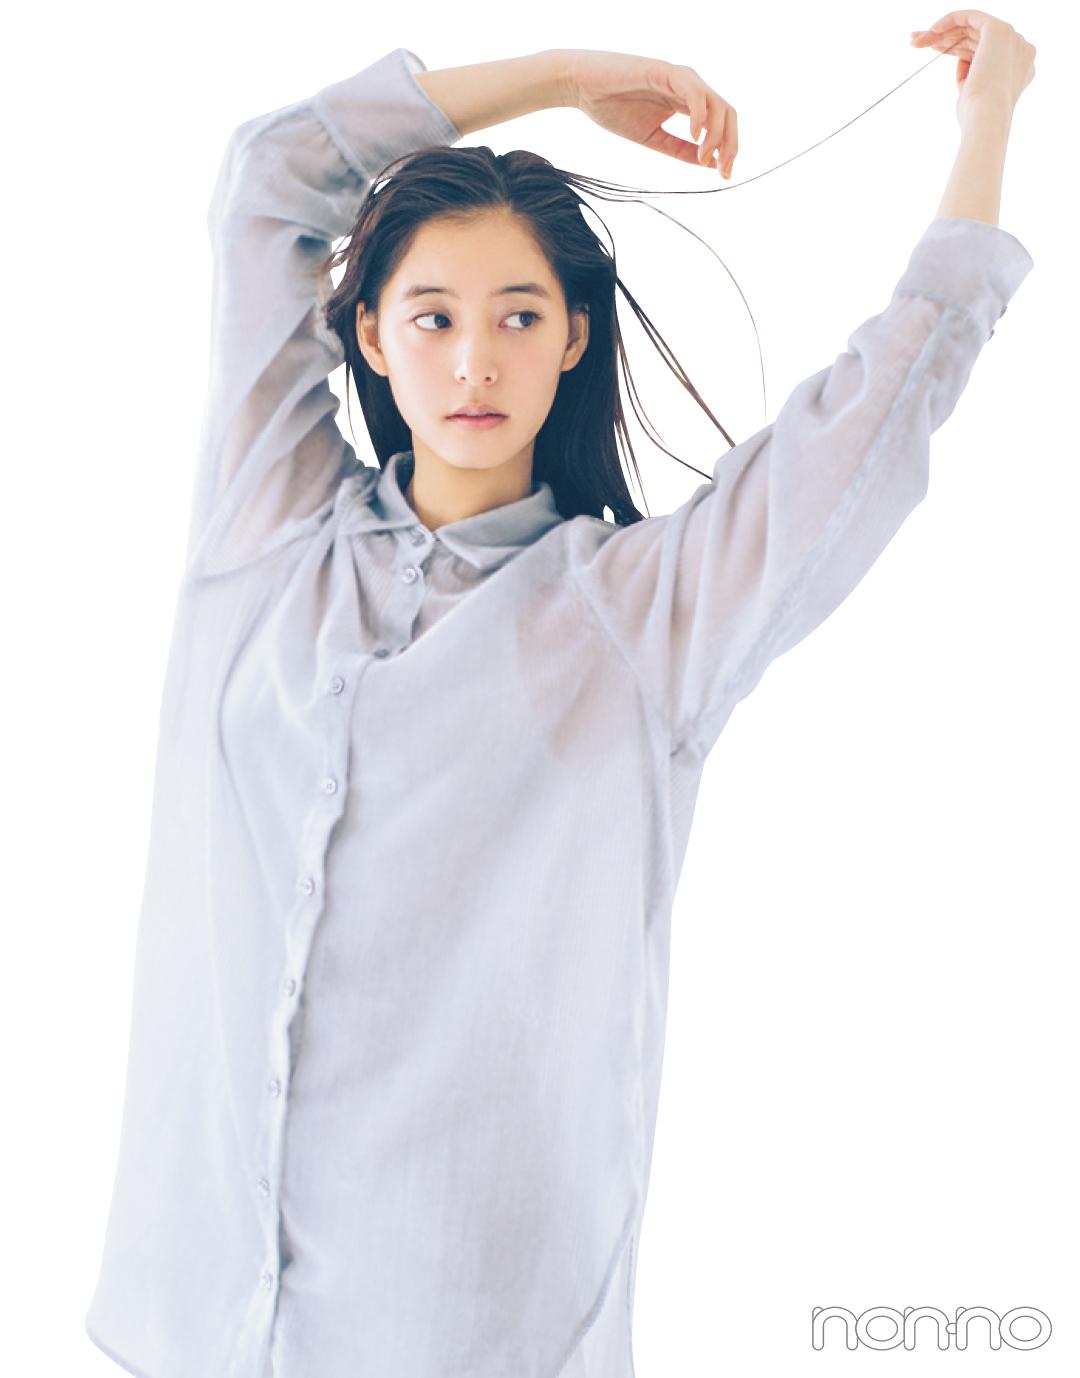 肌の透明感が引き立つ★ ブルー&グリーンの透けトップスをチェック!【正義の春服】_1_3